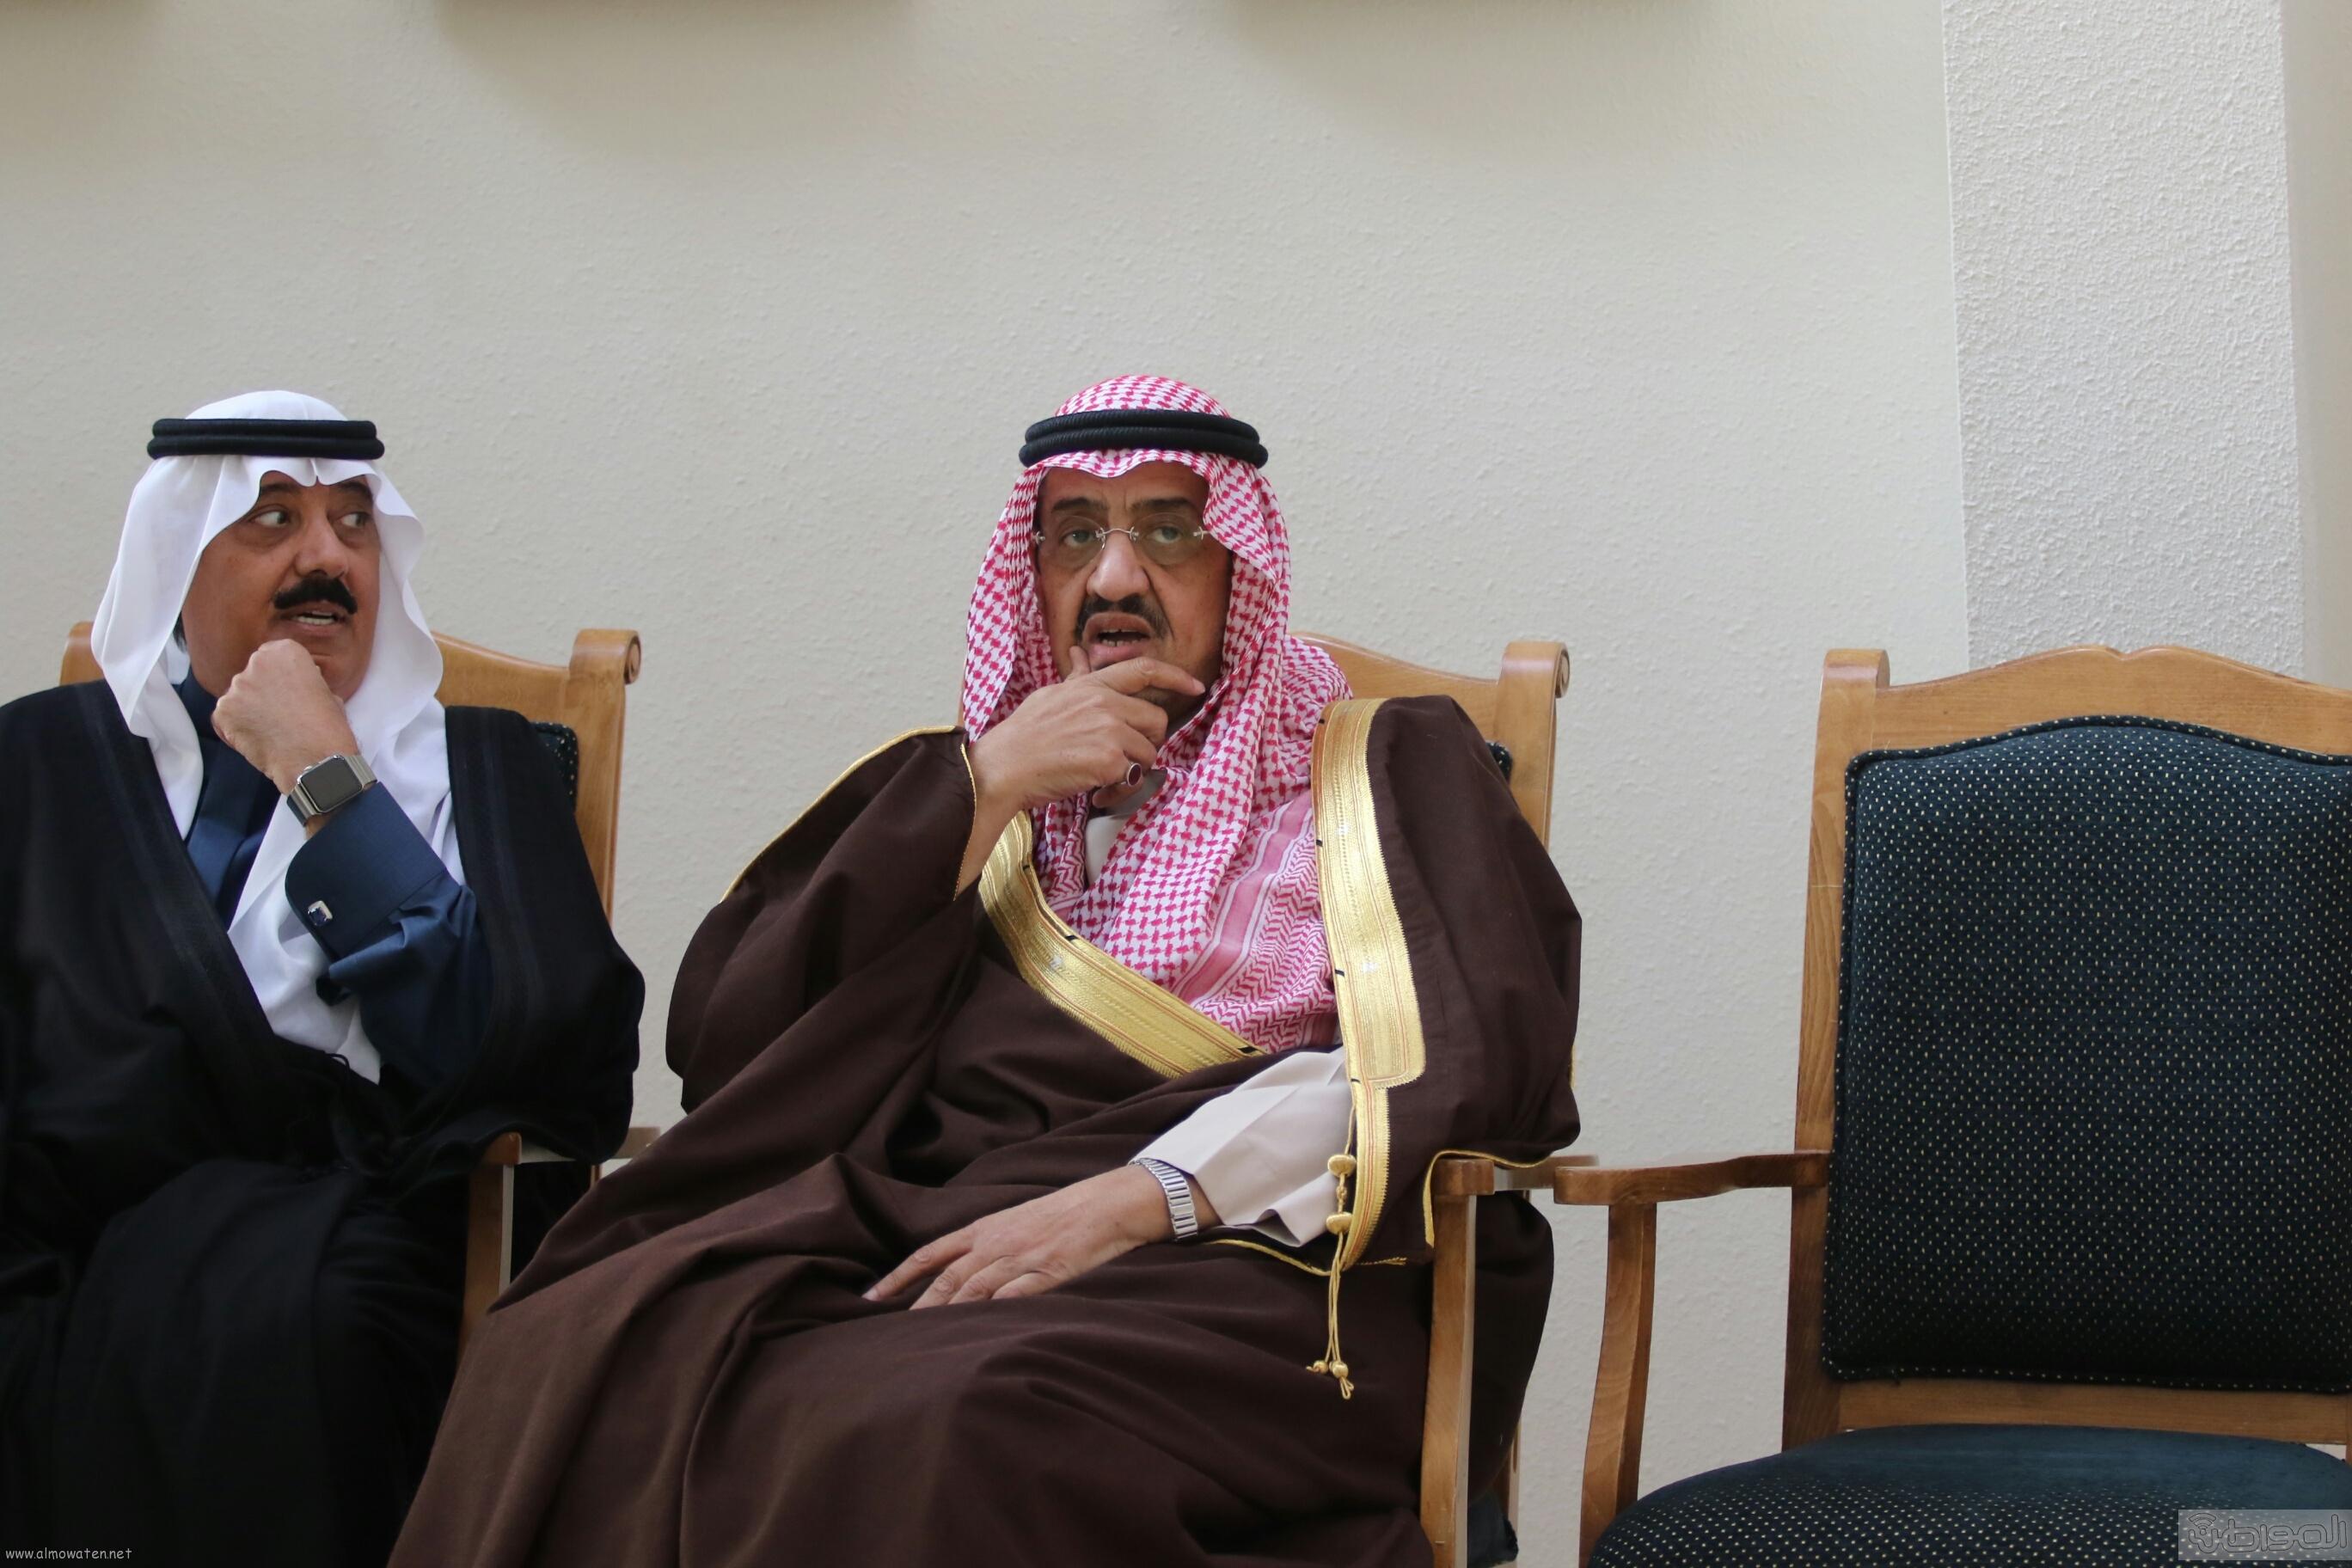 اختتام-كرنفال-كؤوس-الملوك-والامير-بدر-بفروسية-الرياض (9)